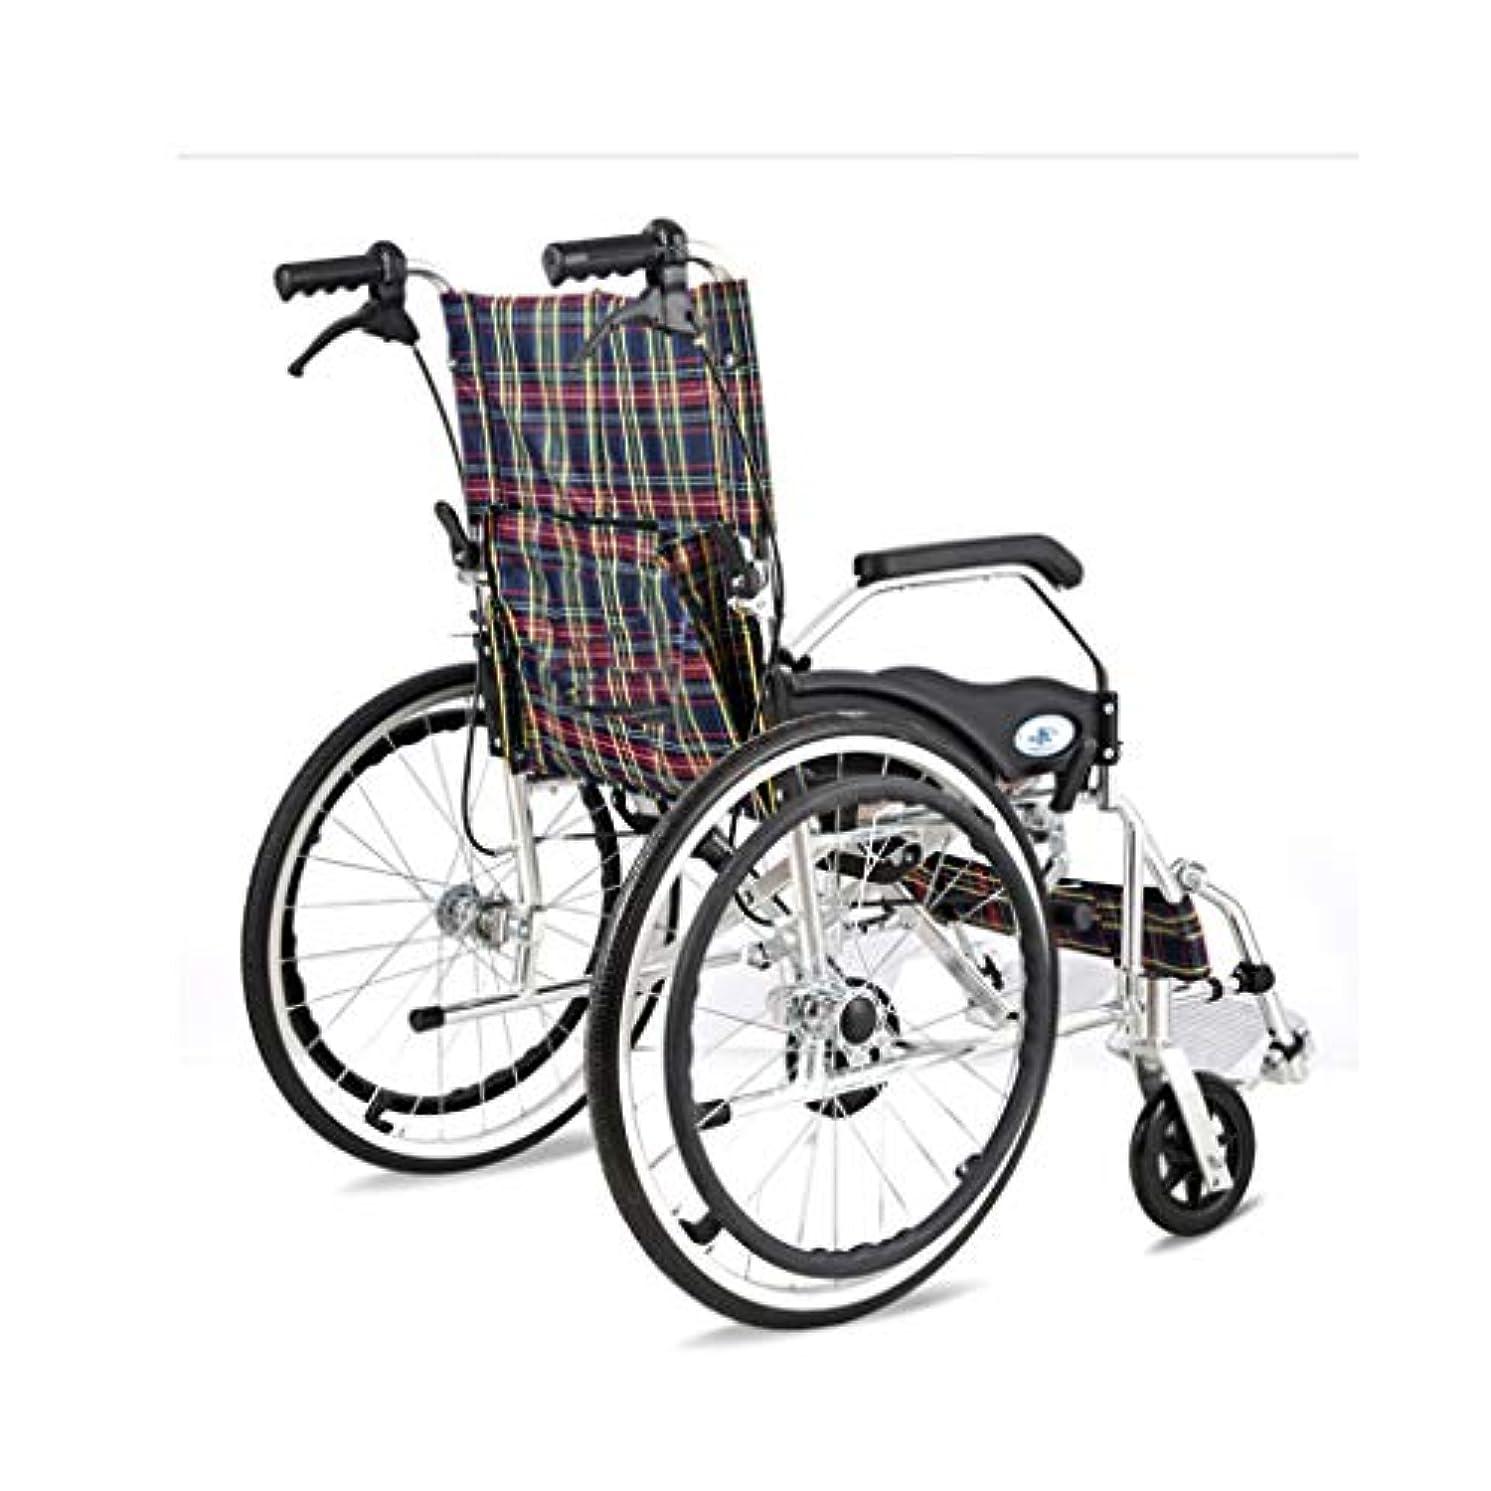 悔い改め驚いたタック車椅子折りたたみ式インフレータブル後輪、四輪ブレーキ設計、高齢者および身体障害者用屋外トロリー